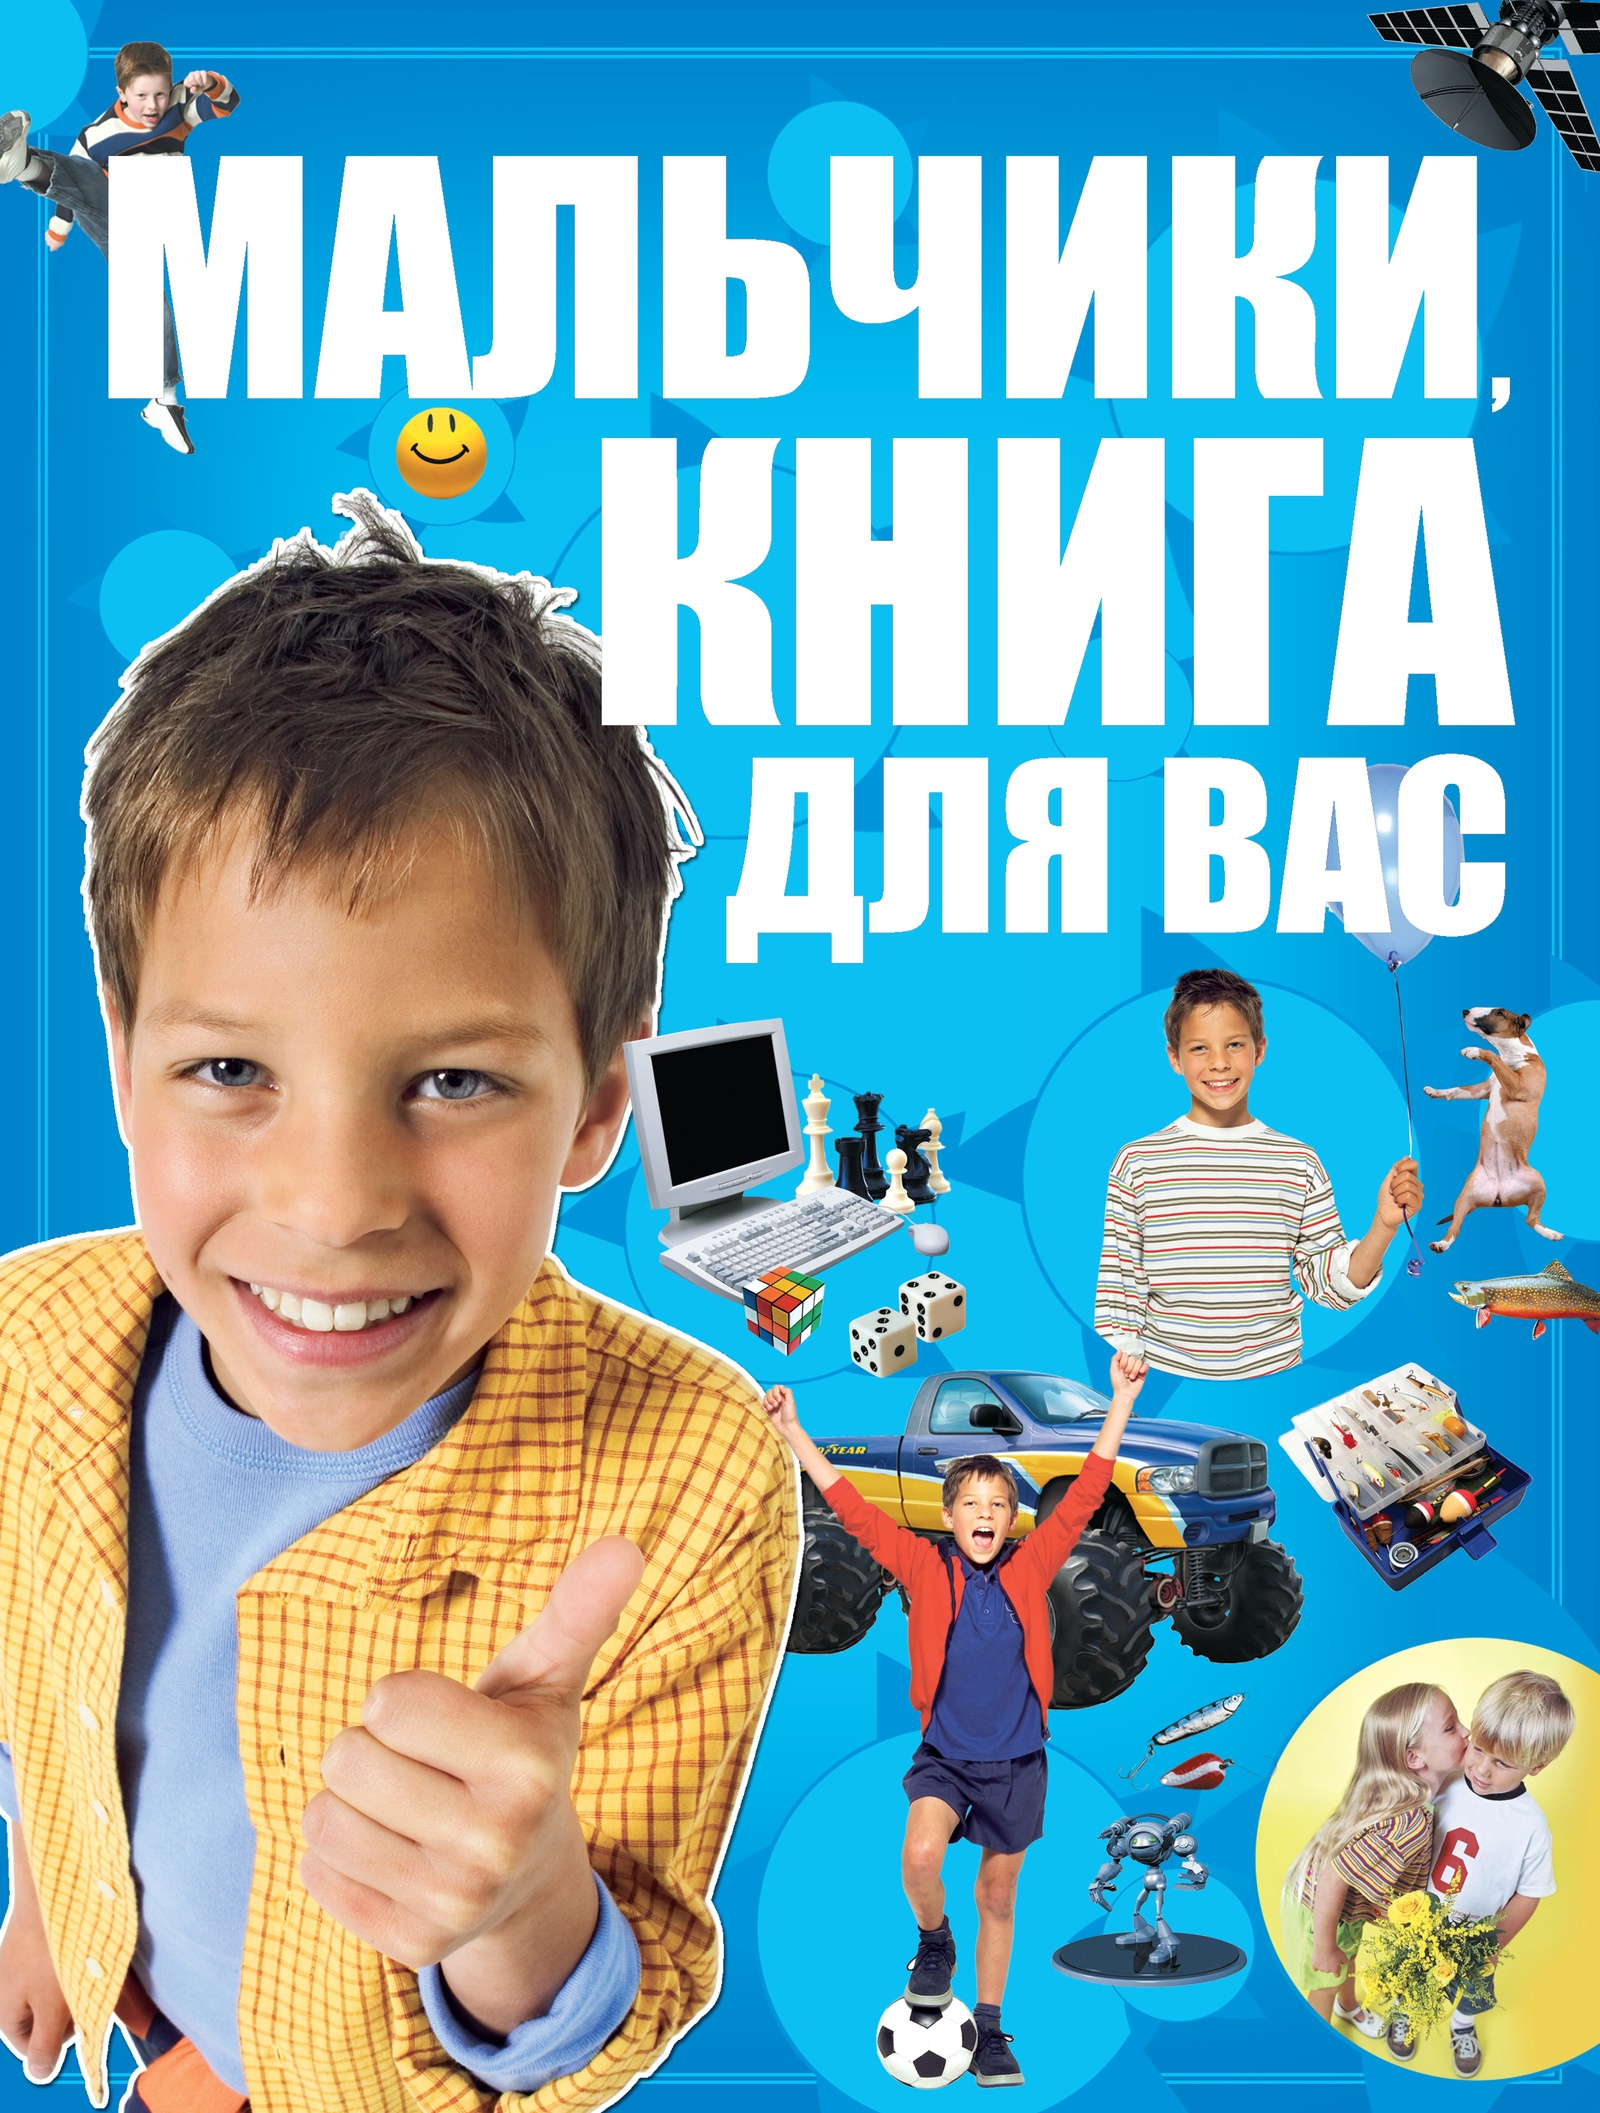 Фото - Ермакович Д.И. Мальчики, книга для вас елена денисова радзинская мы все из одной глины как преодолеть трудности если ты необычный